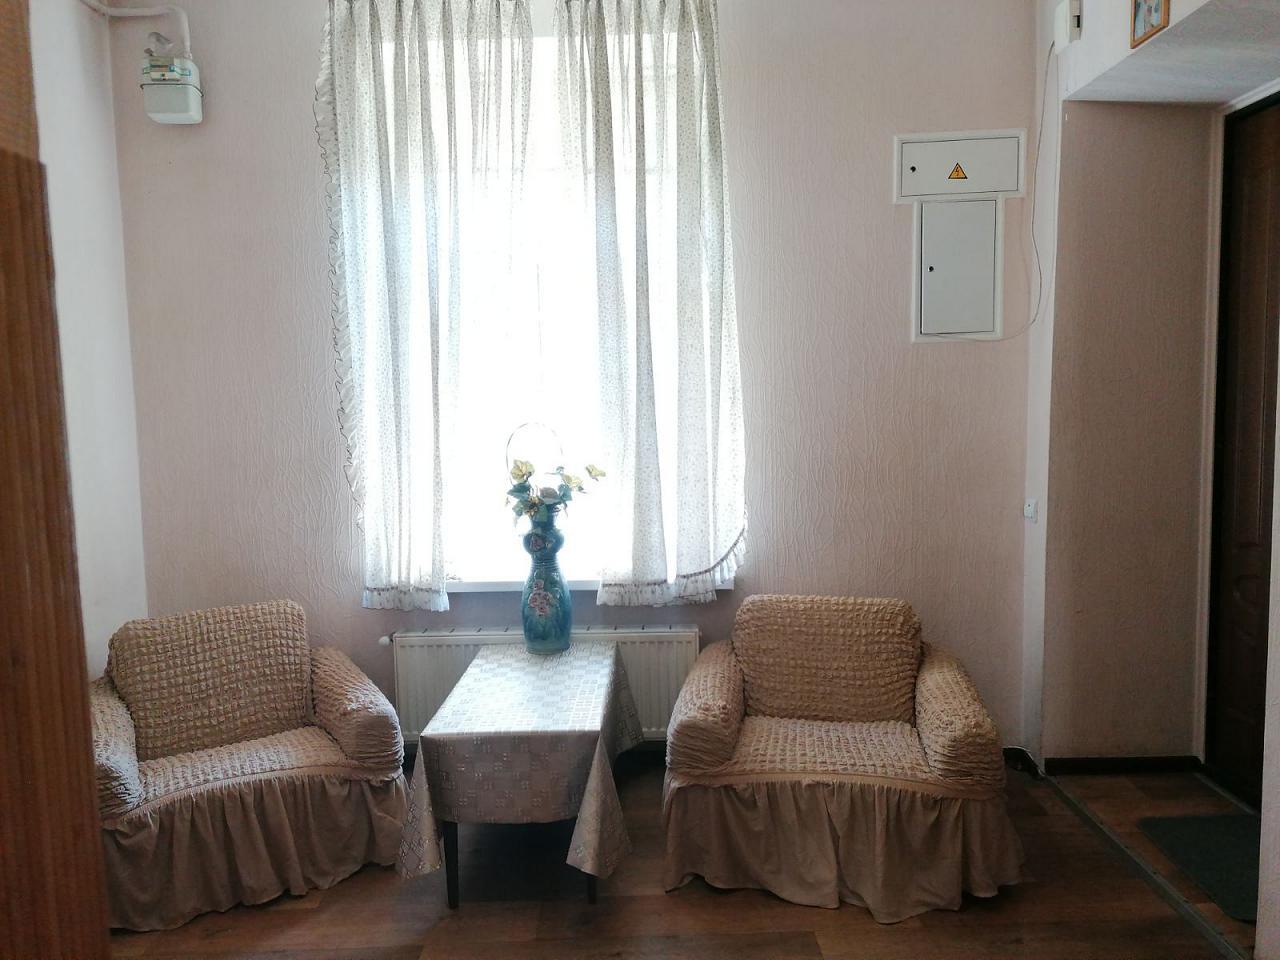 2-pokojowe mieszkanie dobowe, Lwów, ul. Piotra Doroszenki, 25 (4)